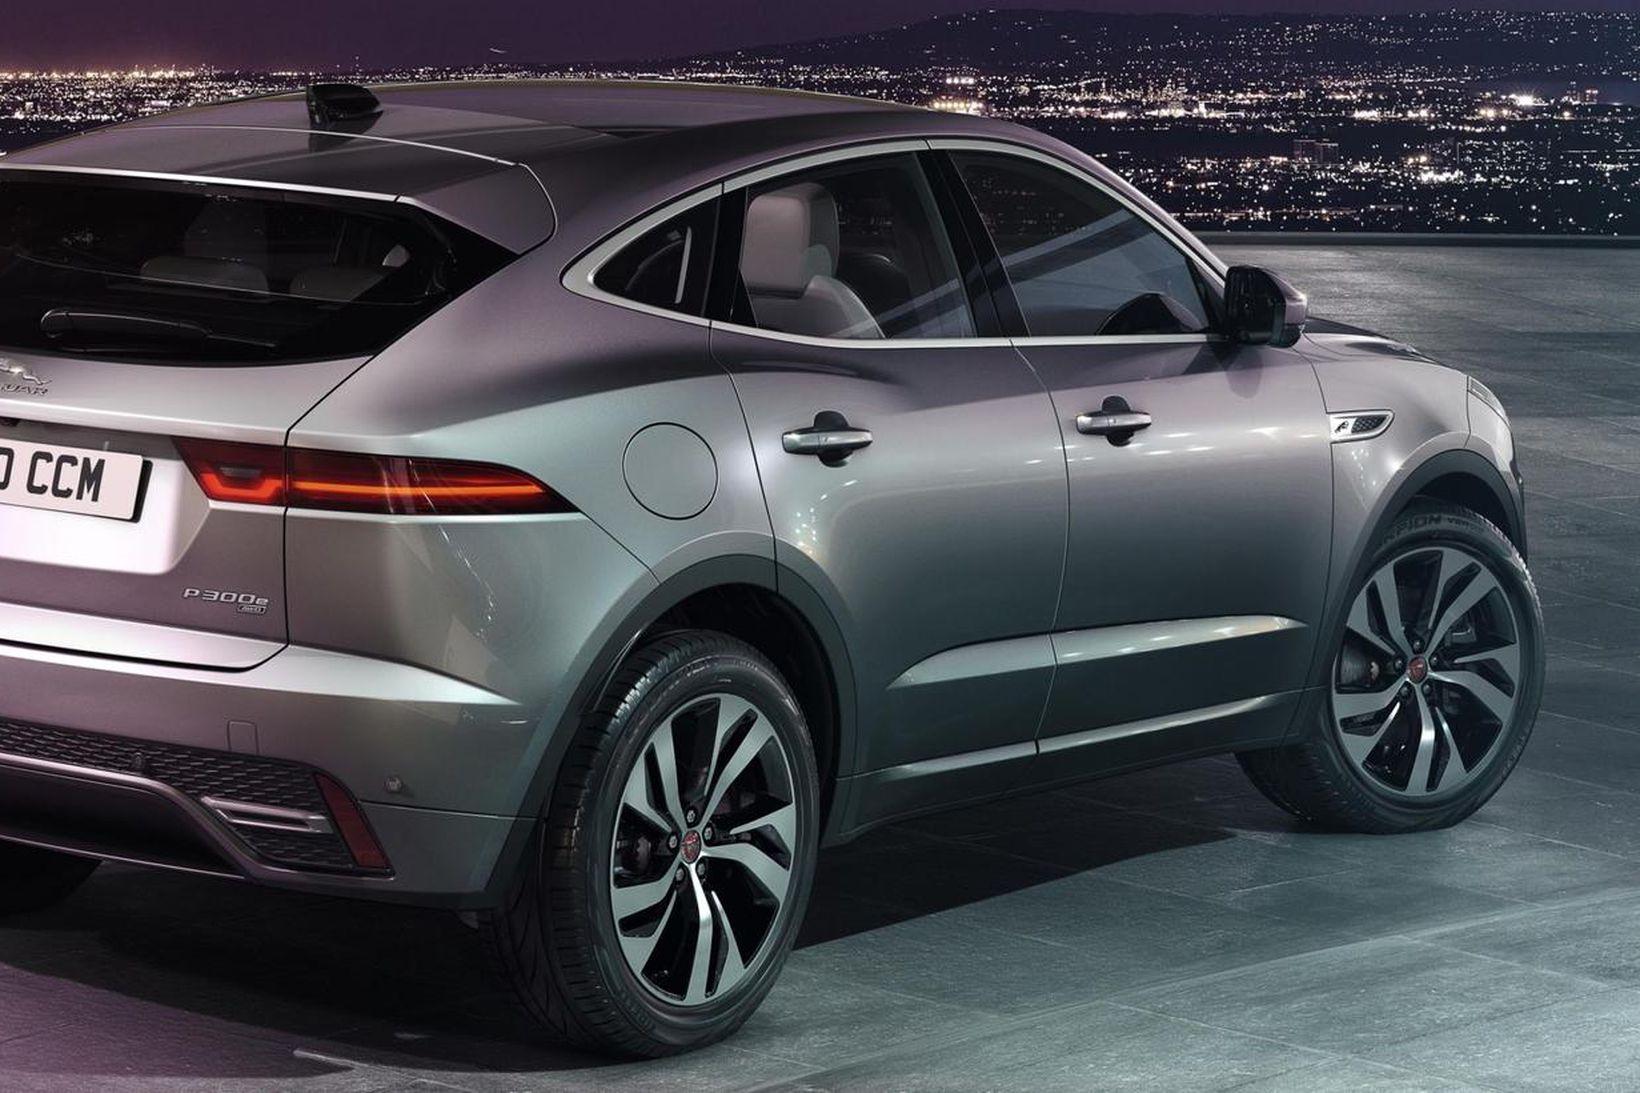 Jaguar E-Pace tengiltvinnbíllinn.